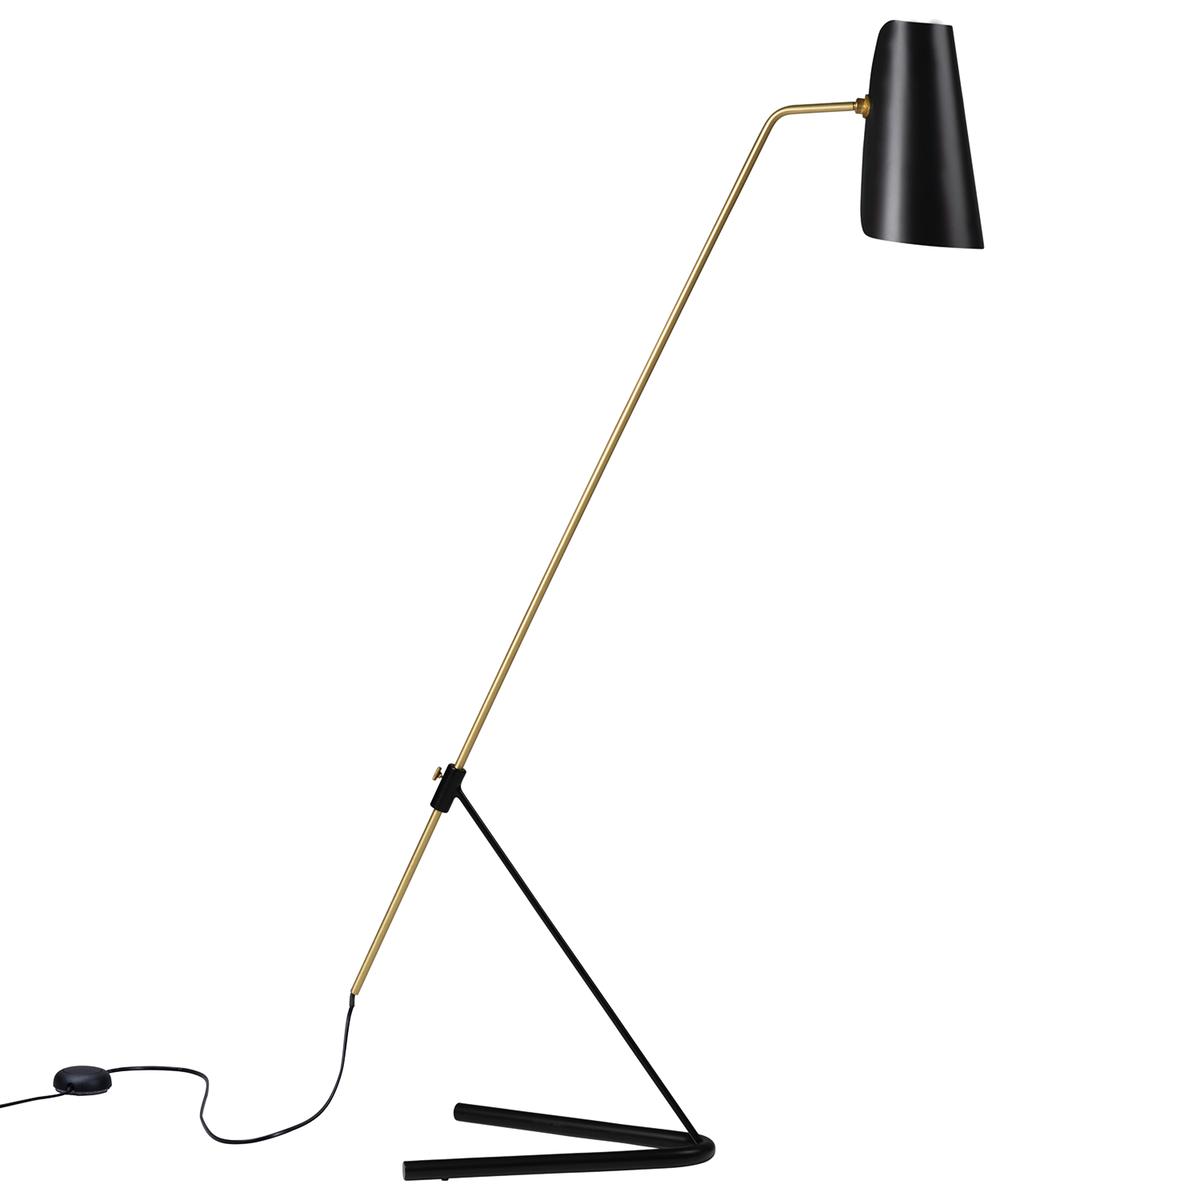 Sammode G21 Floor Lamp, Black